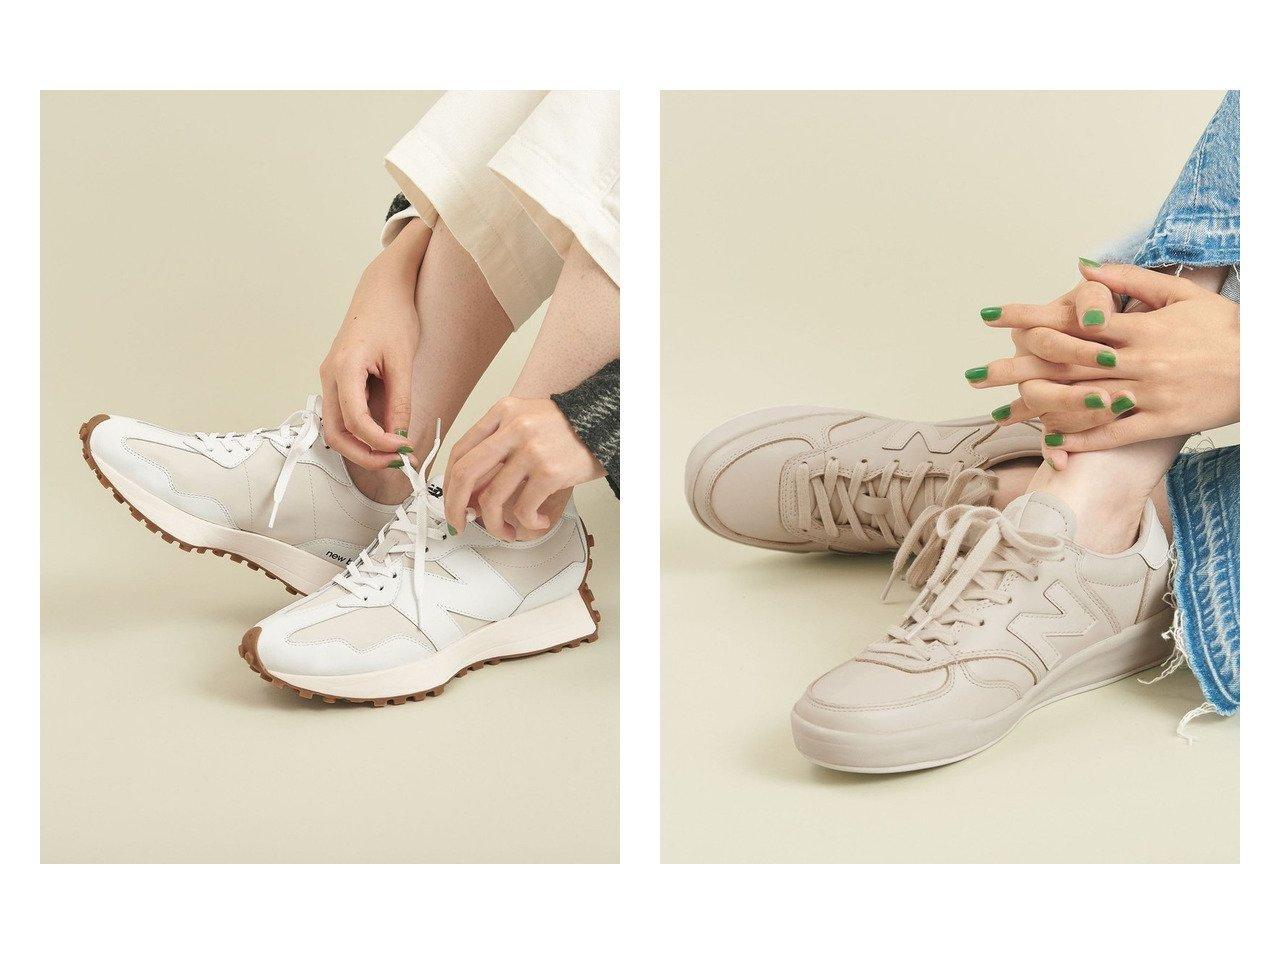 【BEAUTY&YOUTH / UNITED ARROWS/ビューティ&ユース ユナイテッドアローズ】の【国内exclusive】 New Balance(ニューバランス)スニーカー&New Balance(ニューバランス)スニーカー ̈ 【シューズ・靴】おすすめ!人気、トレンド・レディースファッションの通販 おすすめで人気の流行・トレンド、ファッションの通販商品 インテリア・家具・メンズファッション・キッズファッション・レディースファッション・服の通販 founy(ファニー) https://founy.com/ ファッション Fashion レディースファッション WOMEN アシンメトリー シューズ スタイリッシュ スニーカー スラックス スリッポン トレンド 定番 Standard バランス ビッグ フィット フォルム フレア ワイド 再入荷 Restock/Back in Stock/Re Arrival NEW・新作・新着・新入荷 New Arrivals クラシカル シンプル |ID:crp329100000069192